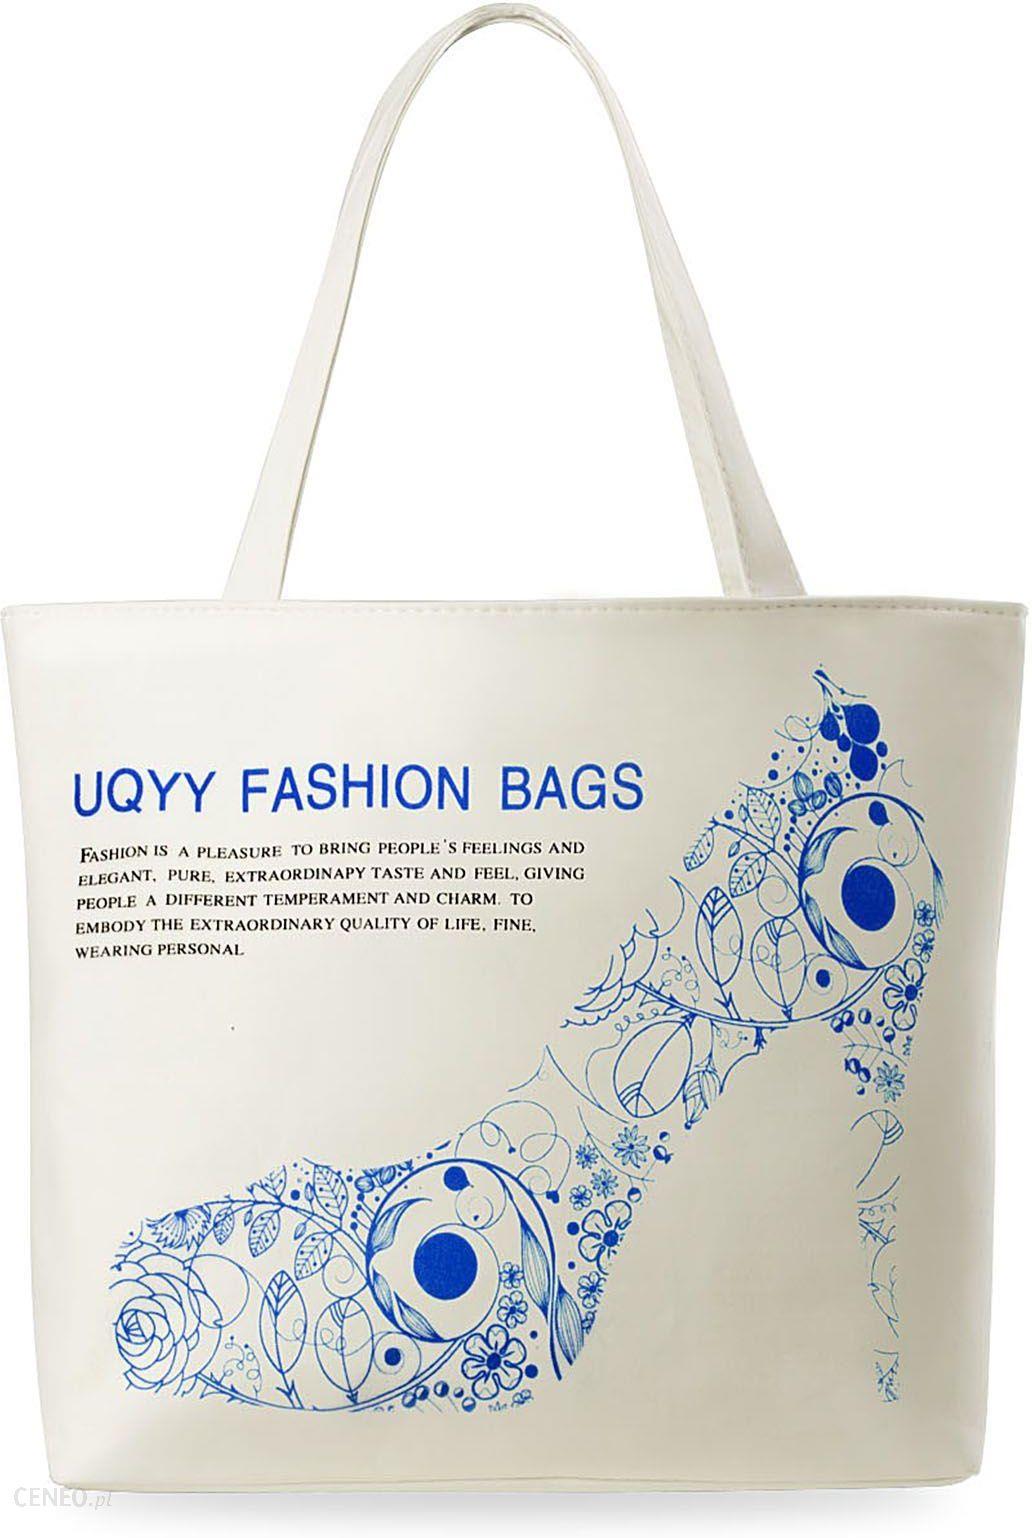 ee08299512e7b Torebka damska eko torba na zakupy kolory printy - niebieska szpilka -  zdjęcie 1